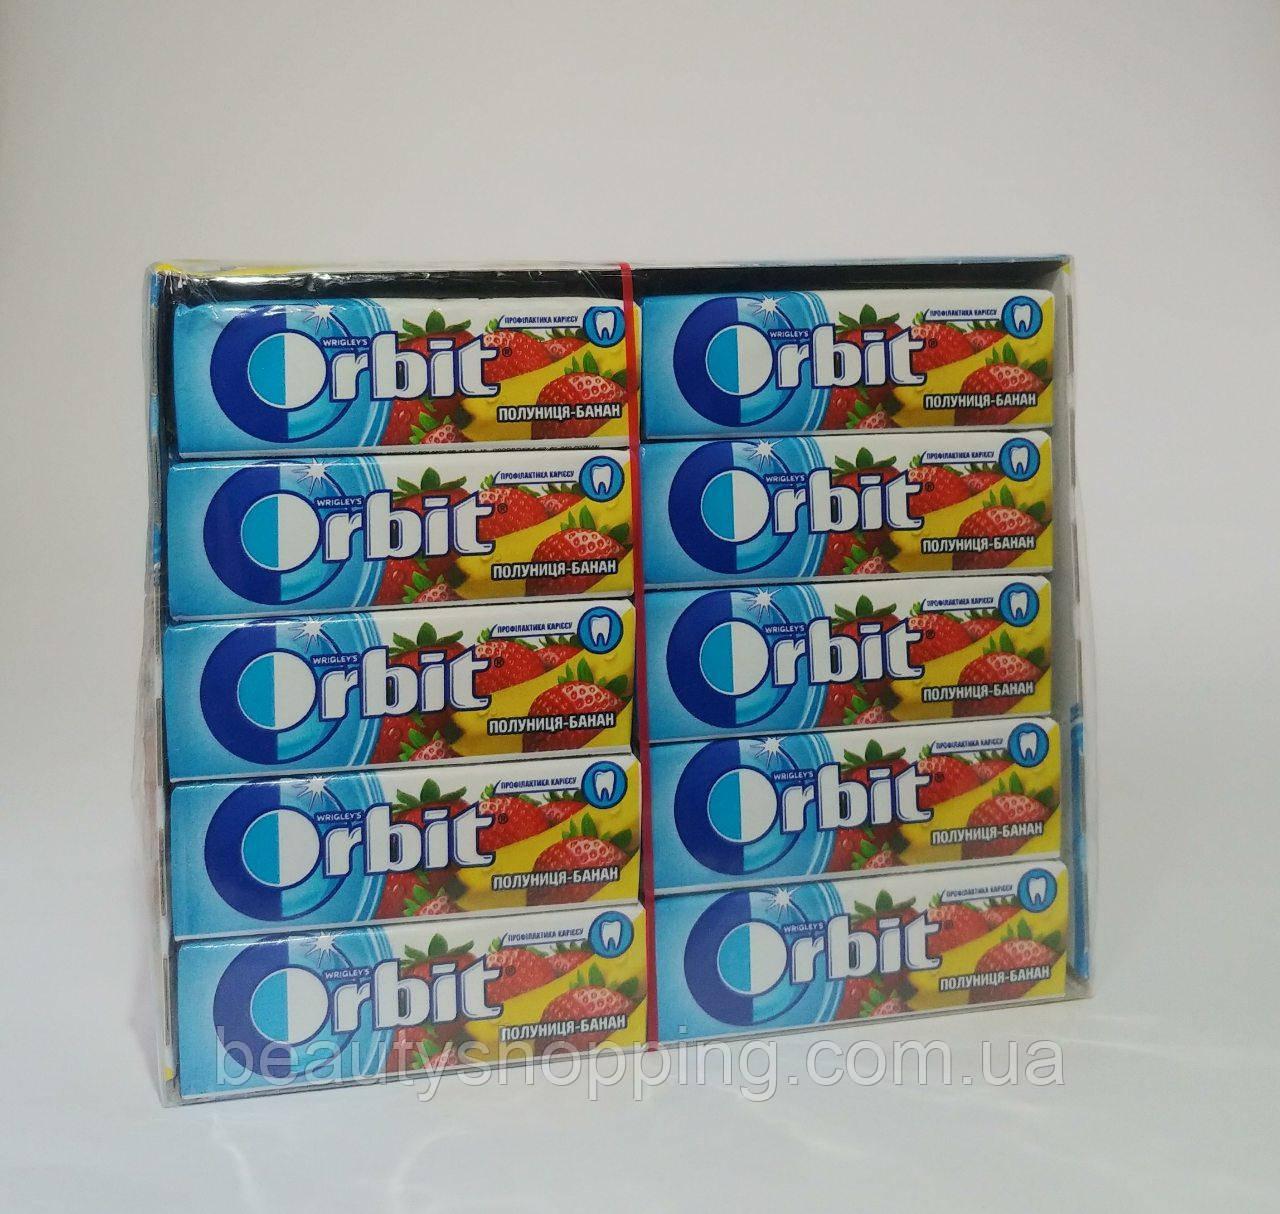 Orbit жувальні гумки зі смаком полуниці банана 30 штук упаковка